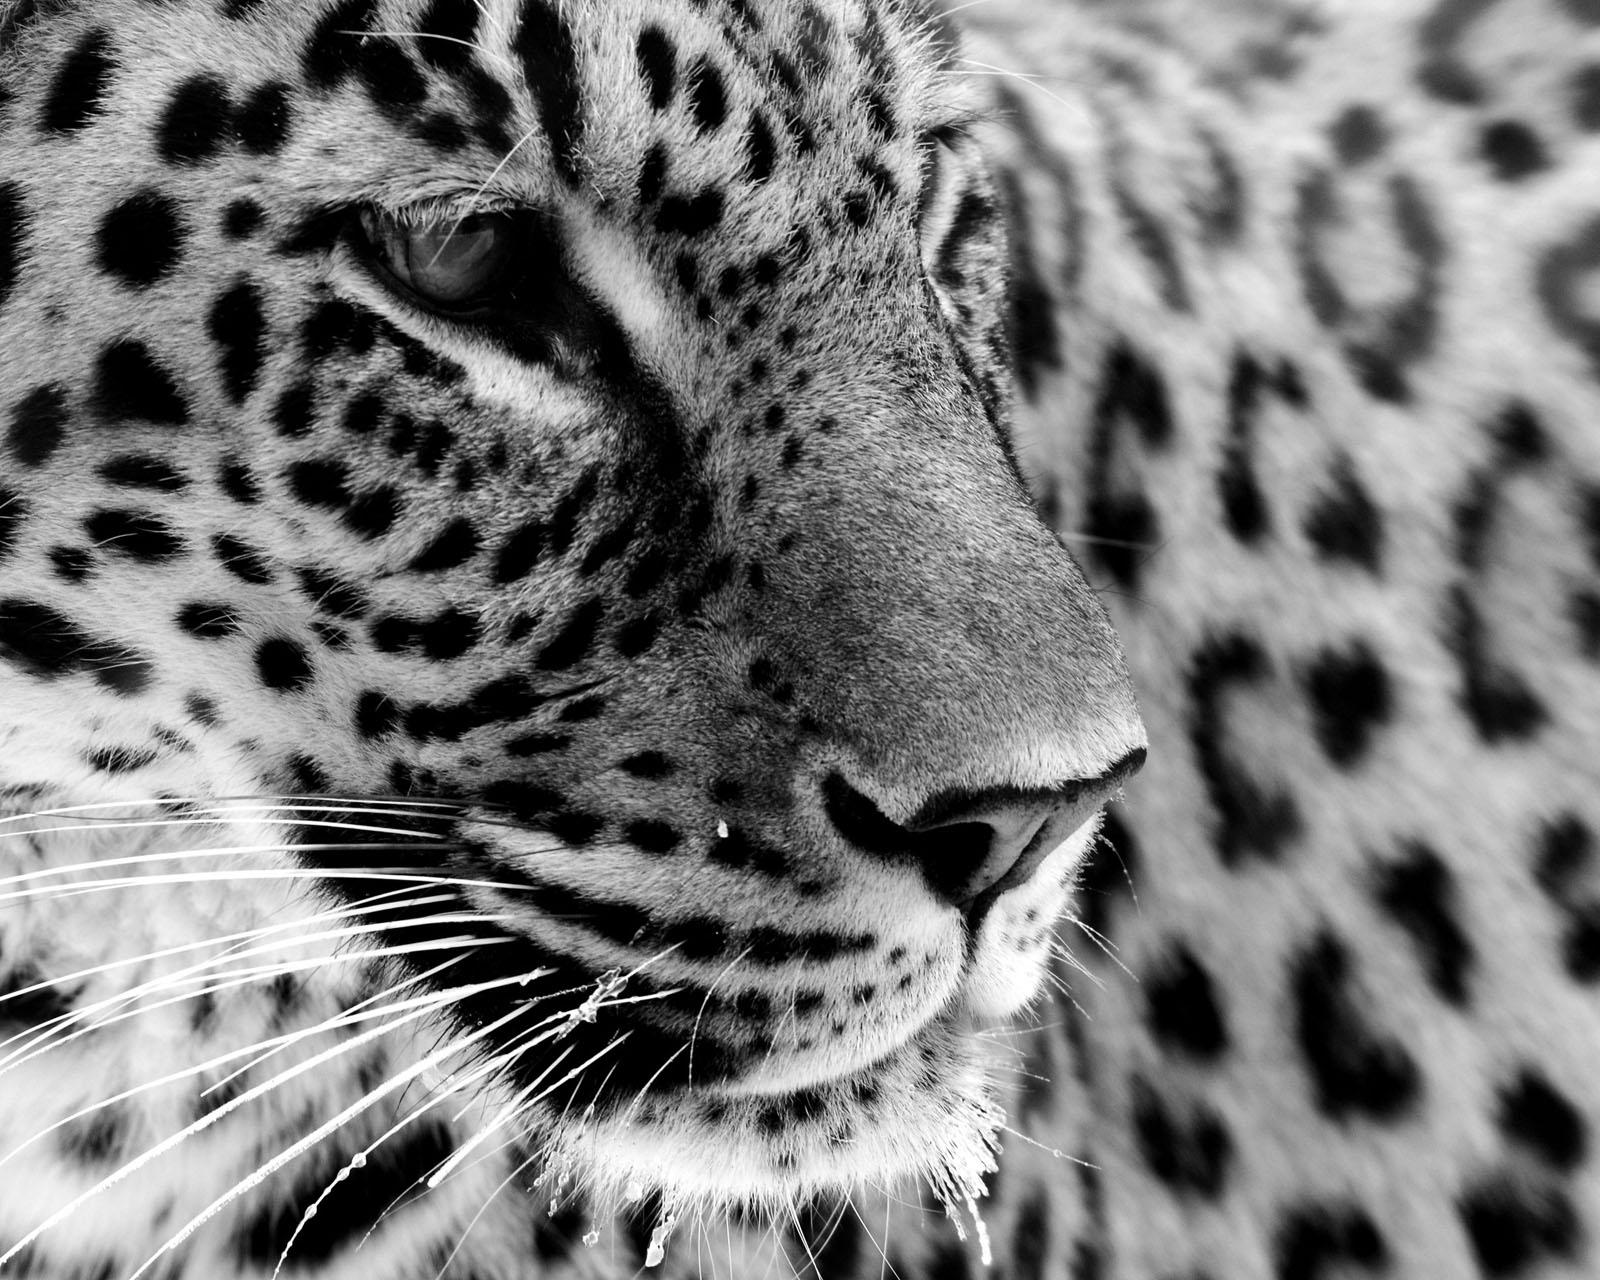 6861358-jaguar-pictures